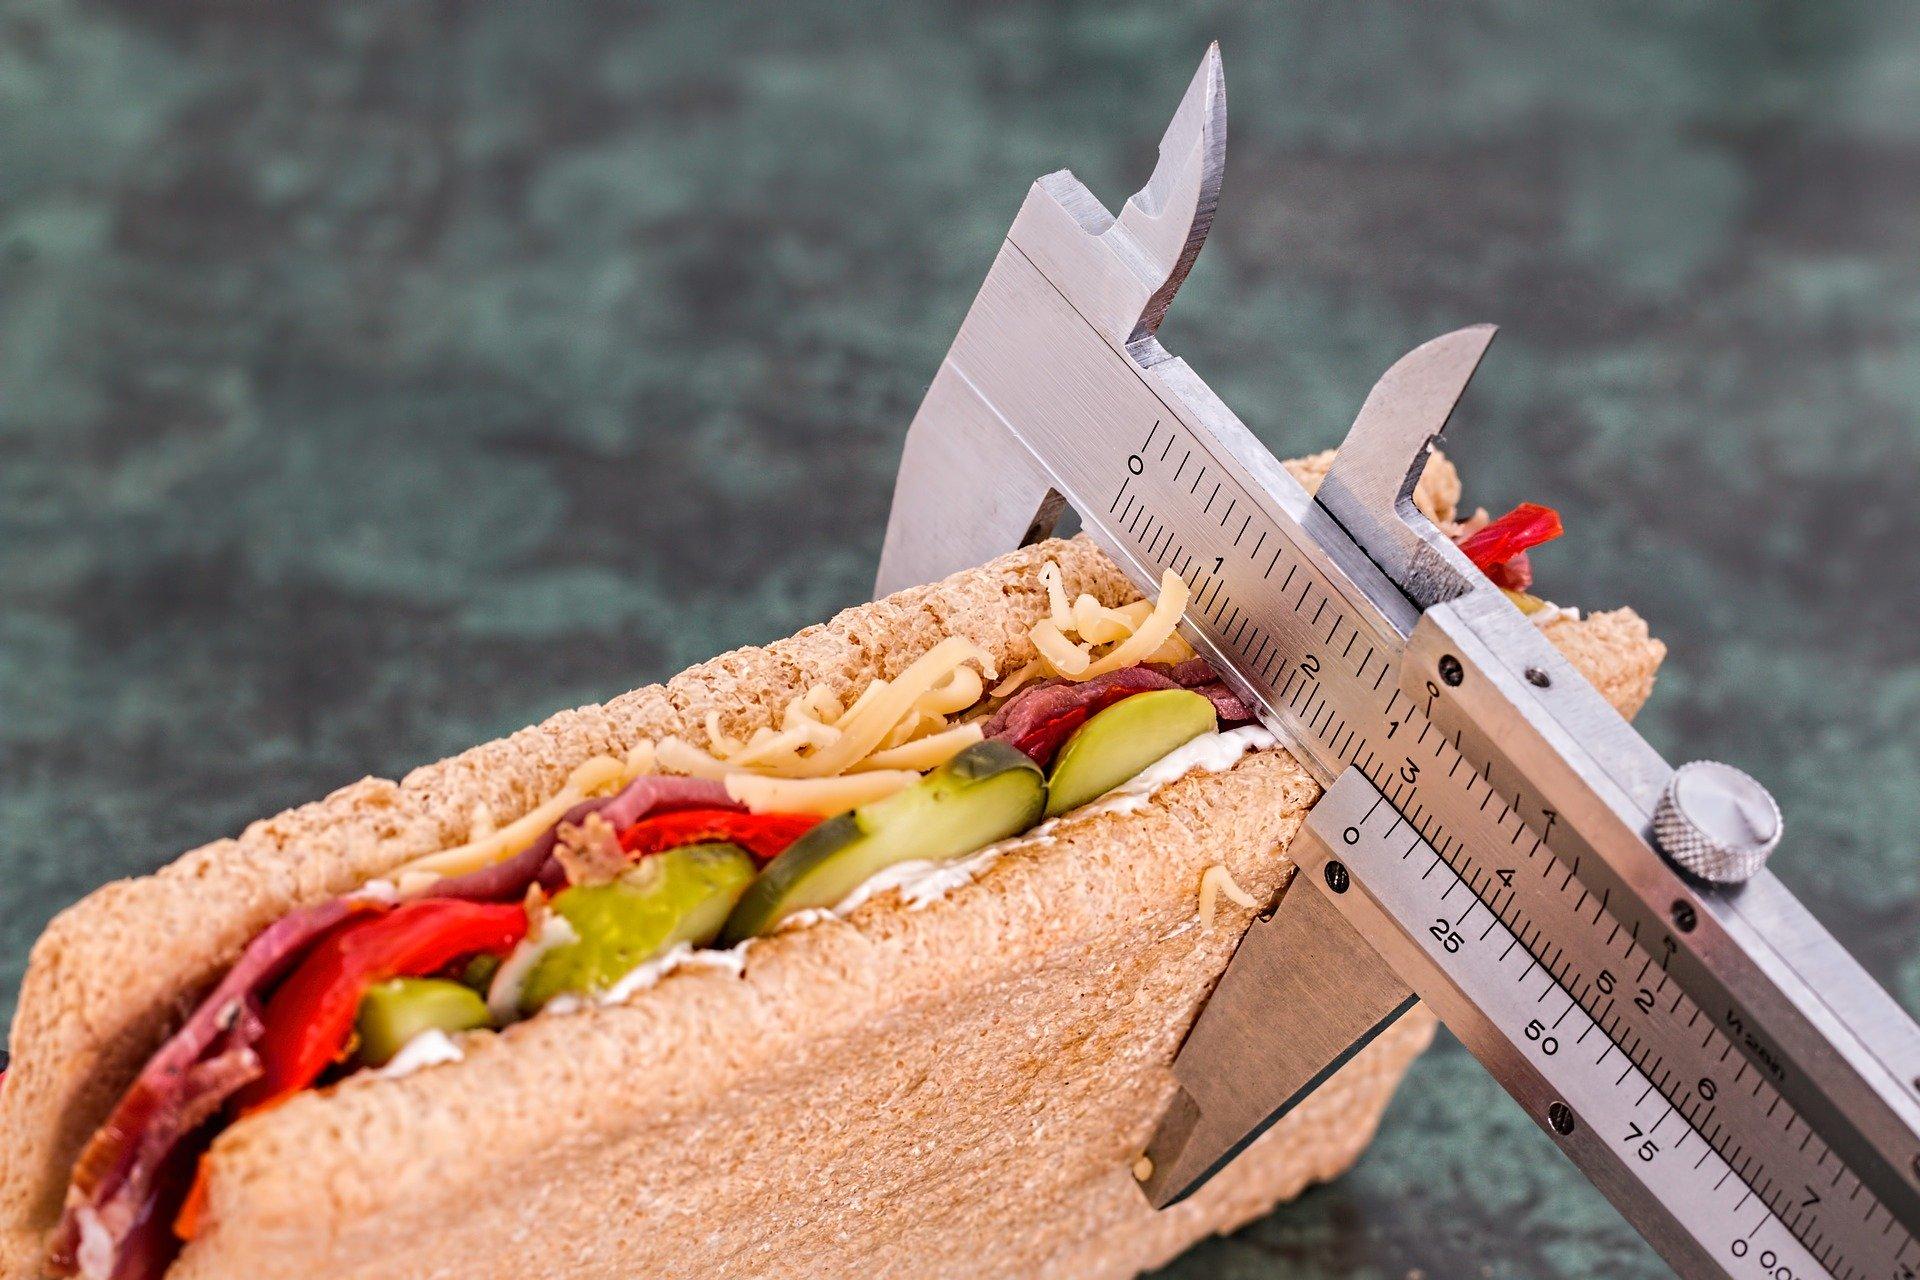 подсчет калорий, калории, усвоение продуктов